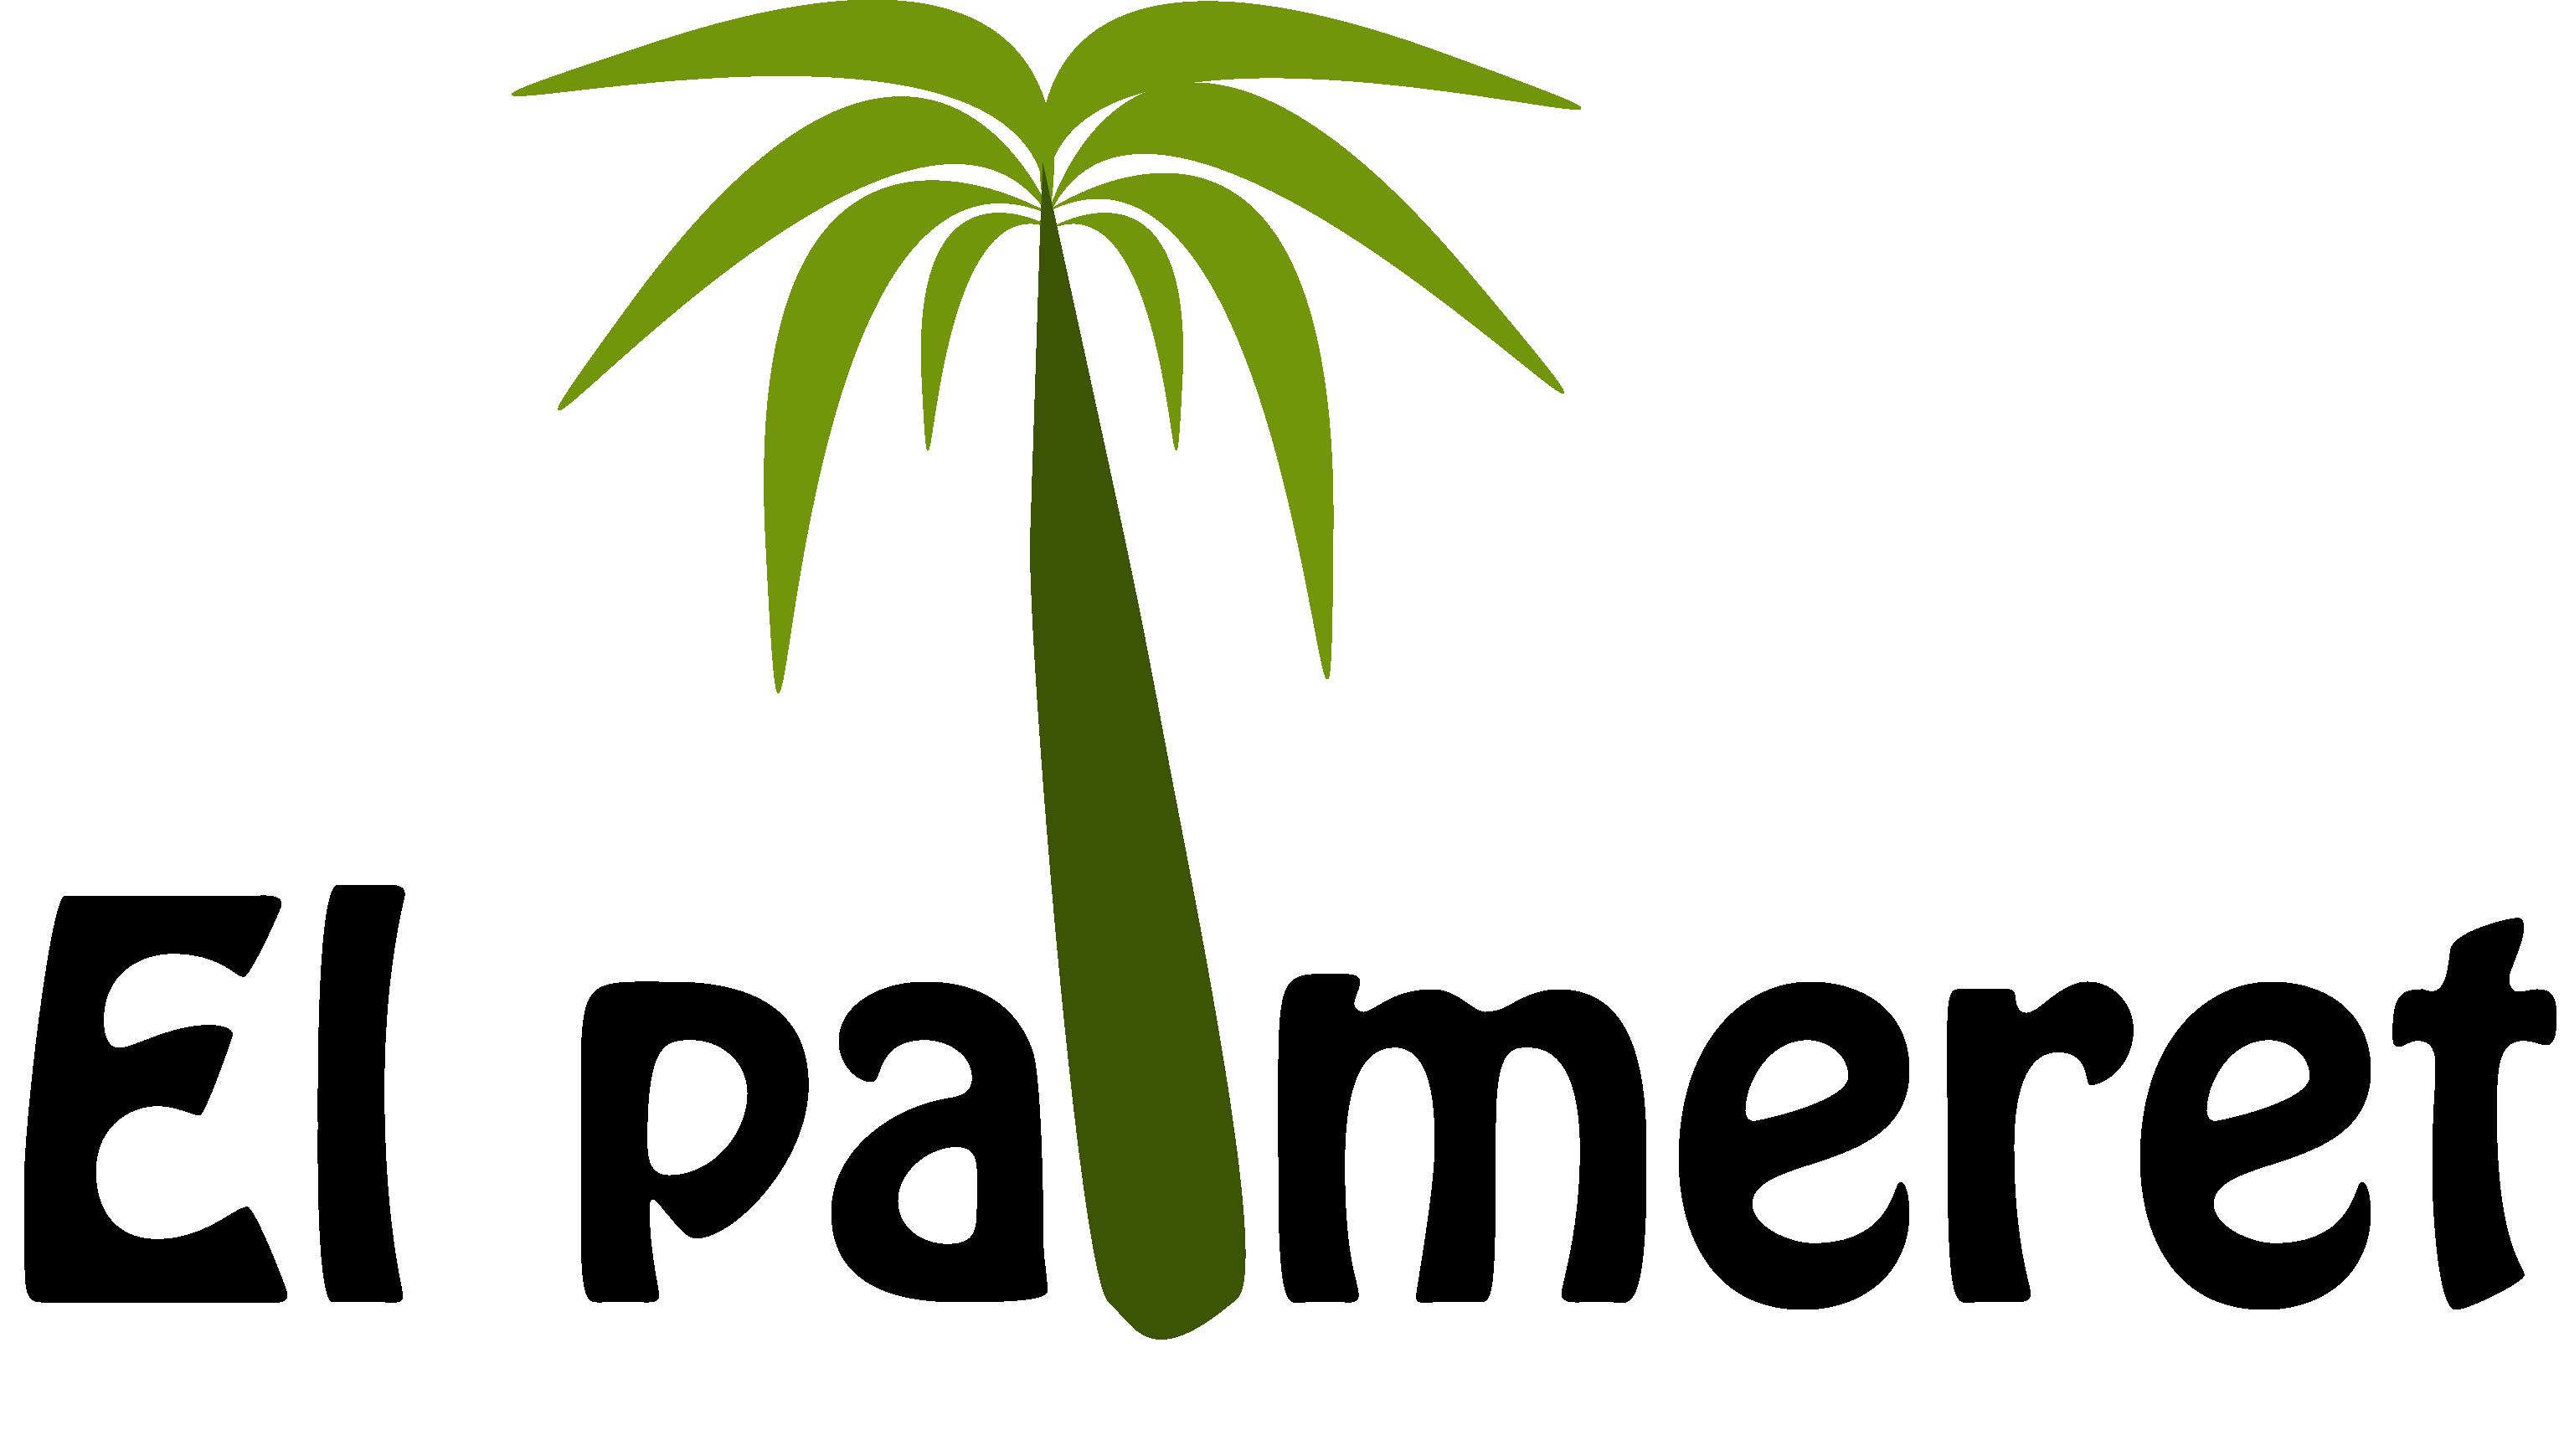 Diseño de logotipo para el Palmeret - Posiciona2.0 Gandia